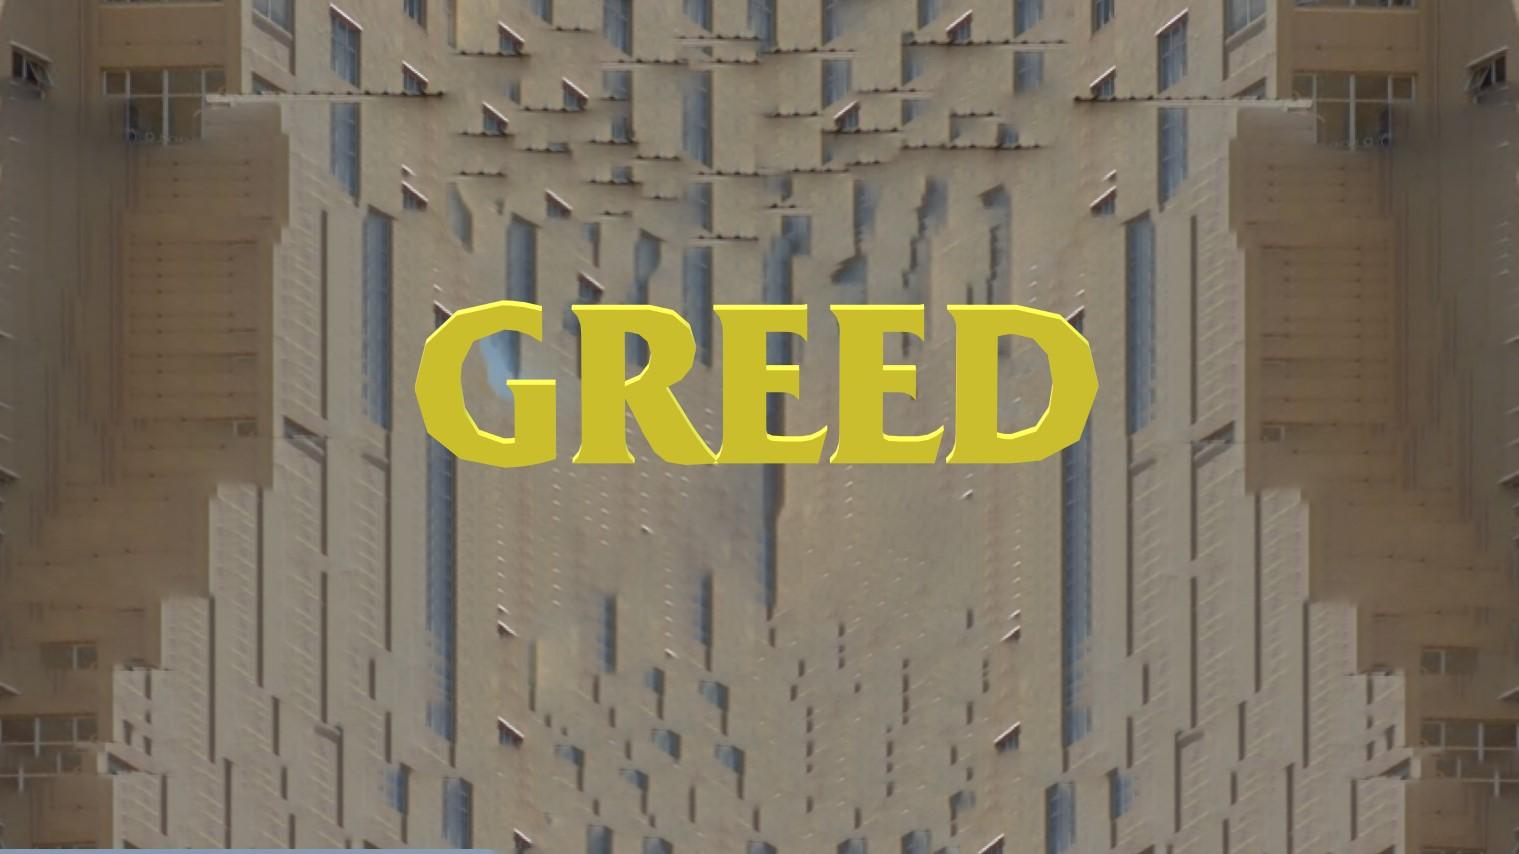 Greed (Dryicoran game show)